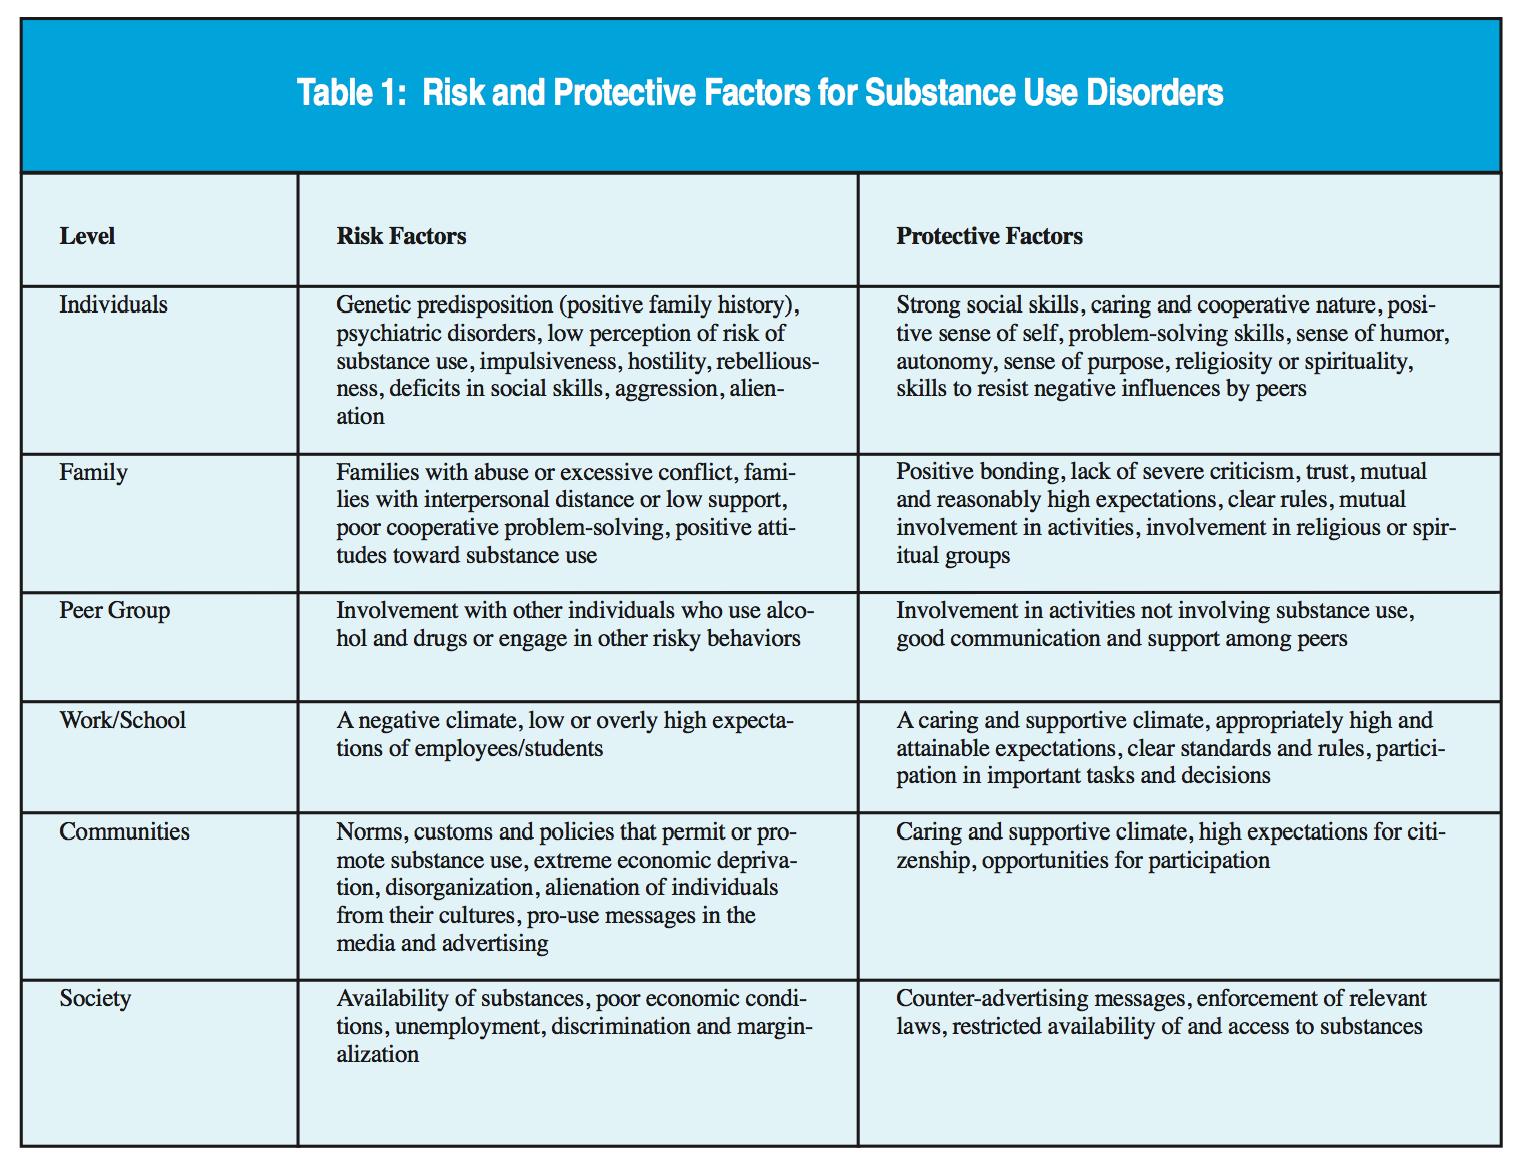 risk_factors.png